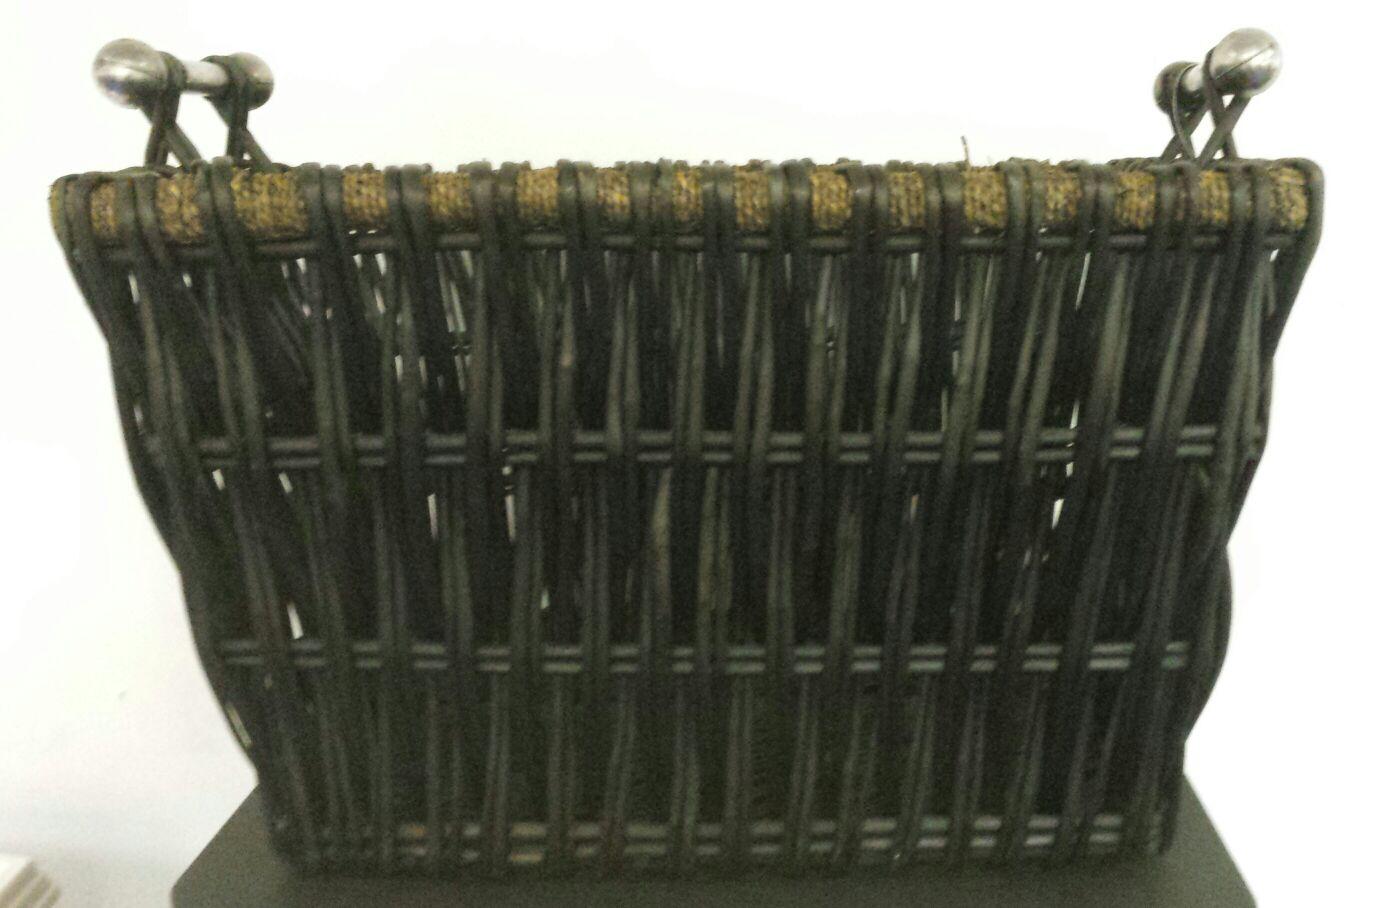 Dark Wicker Baskets With Handles : Dark wicker basket ryan stoves